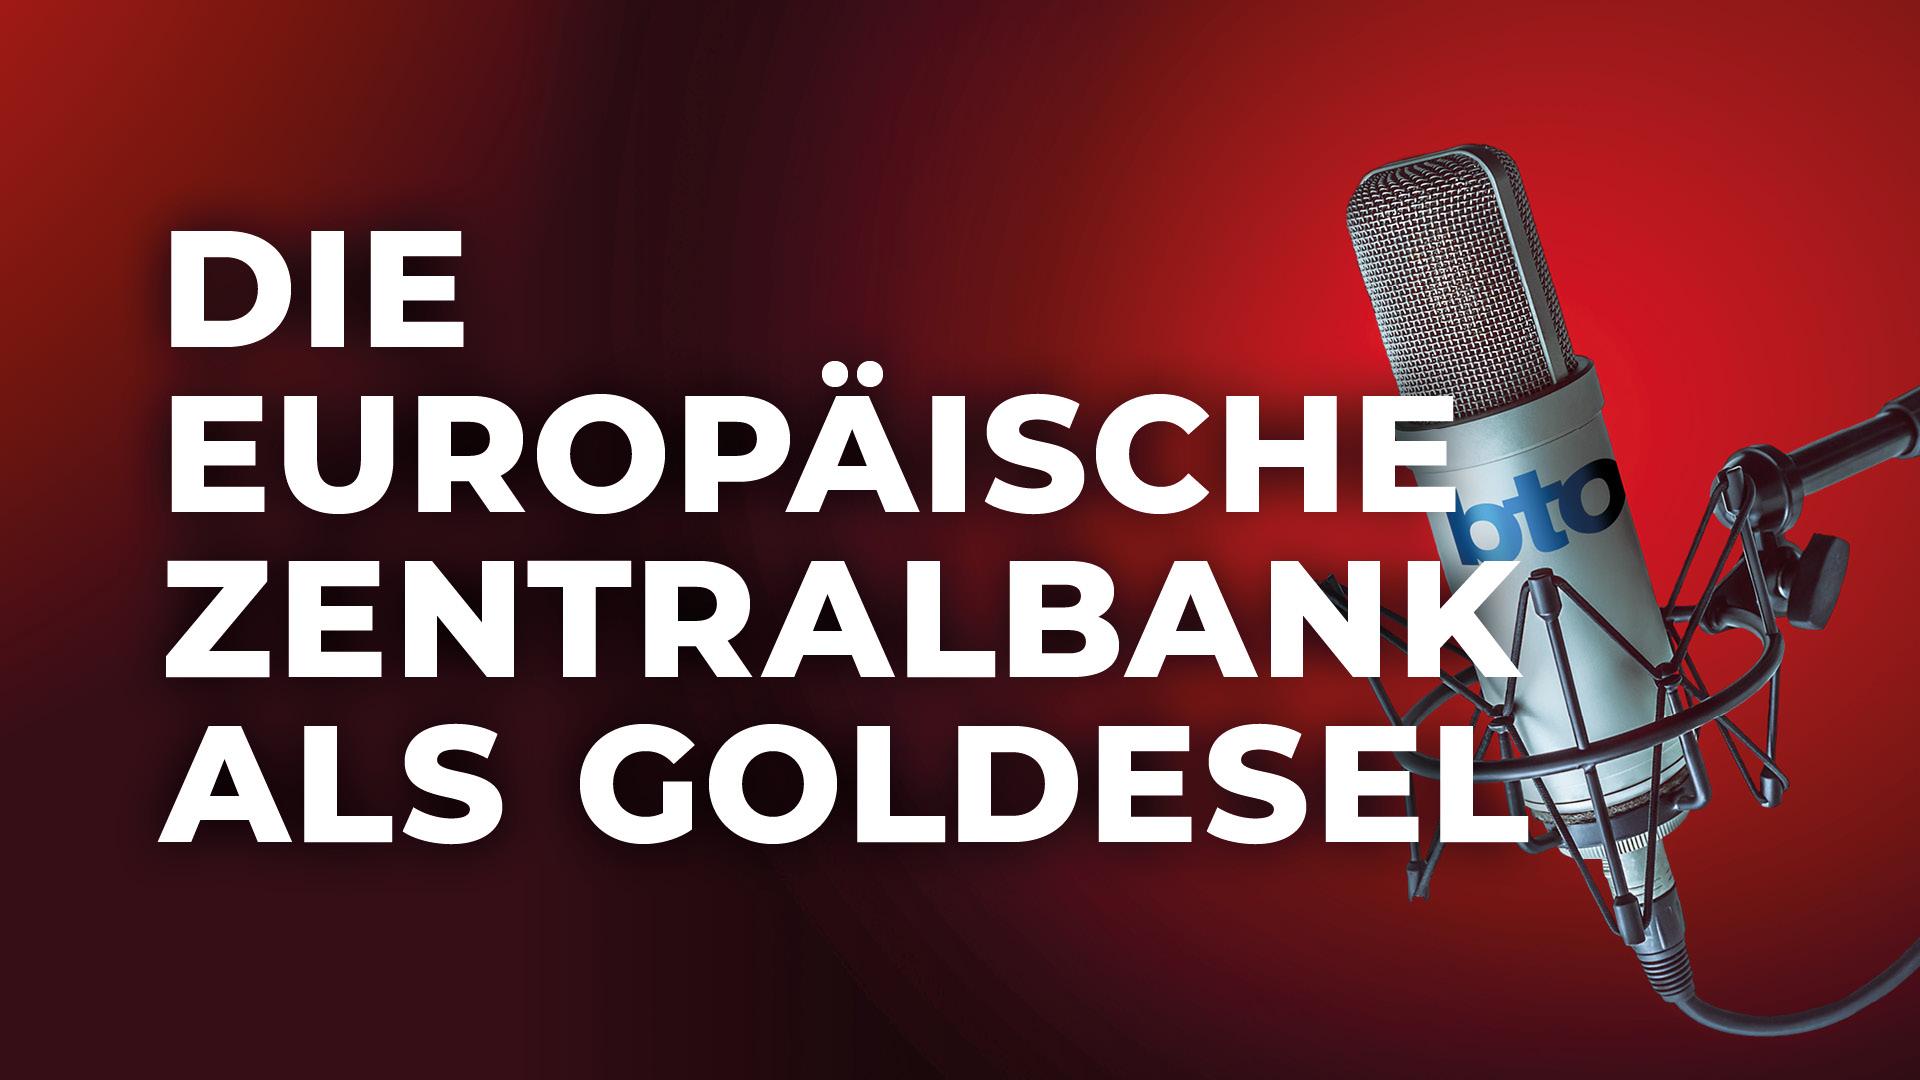 Die Europäische Zentralbank als Goldesel